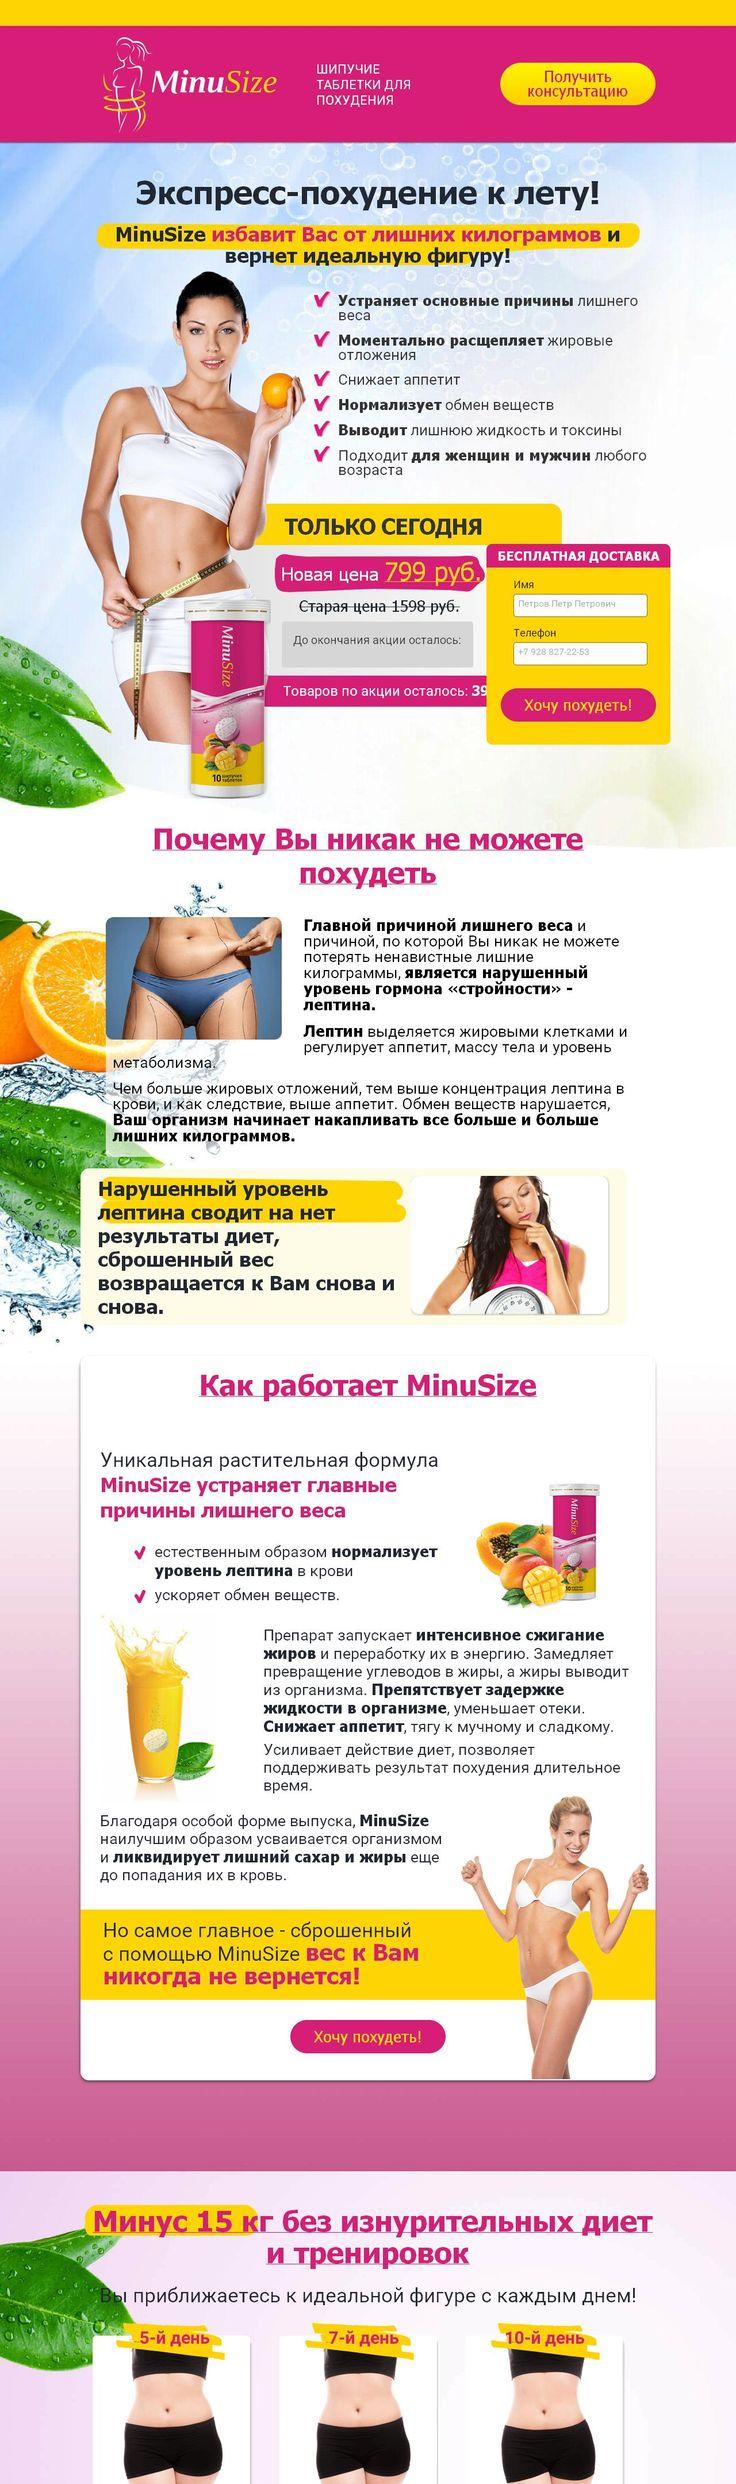 Интенсивные Средства Для Похудения.